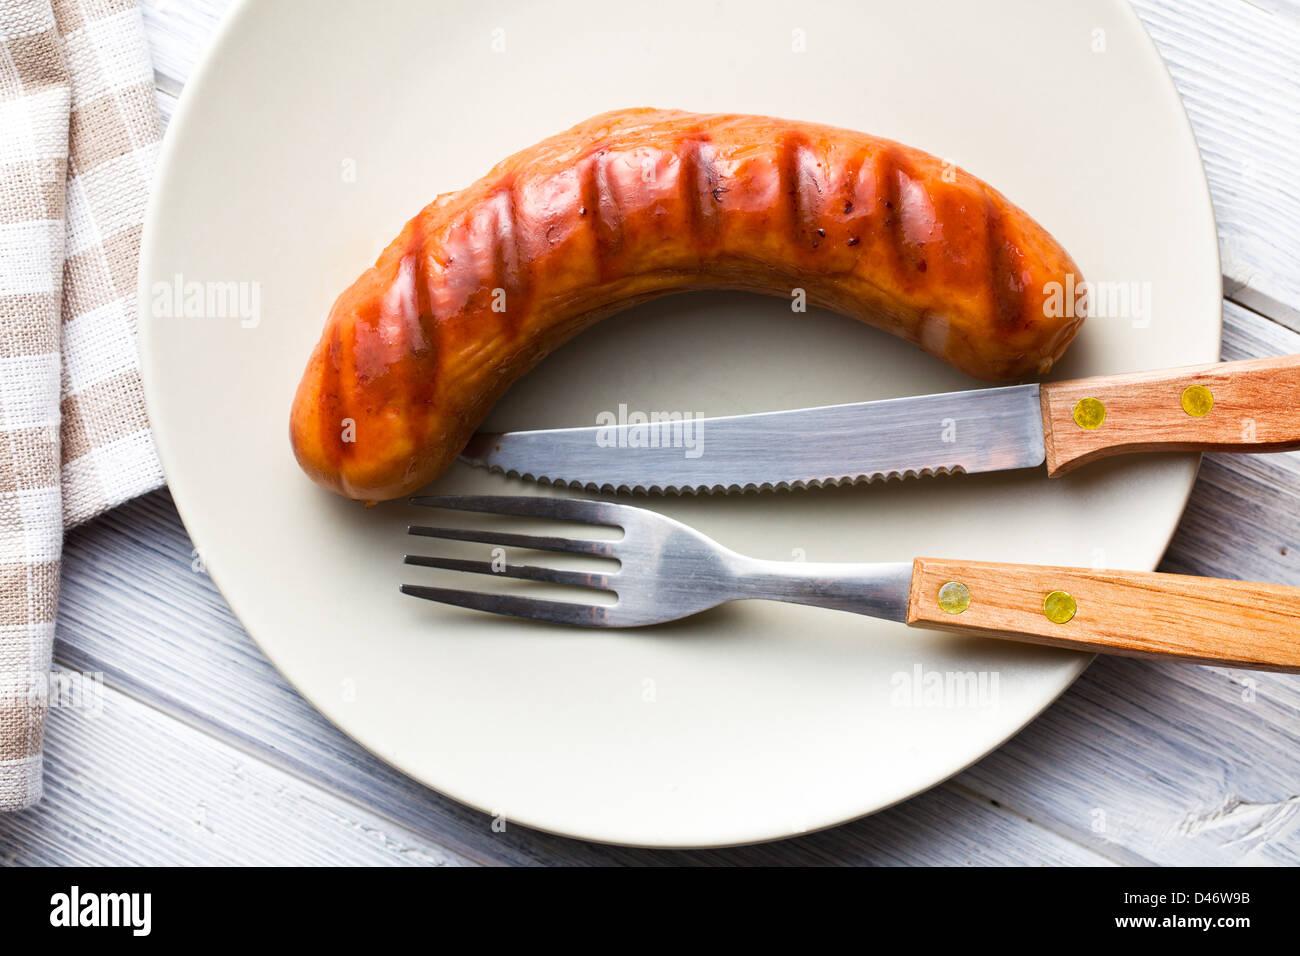 gegrillten Würstchen auf Teller mit Besteck Stockbild